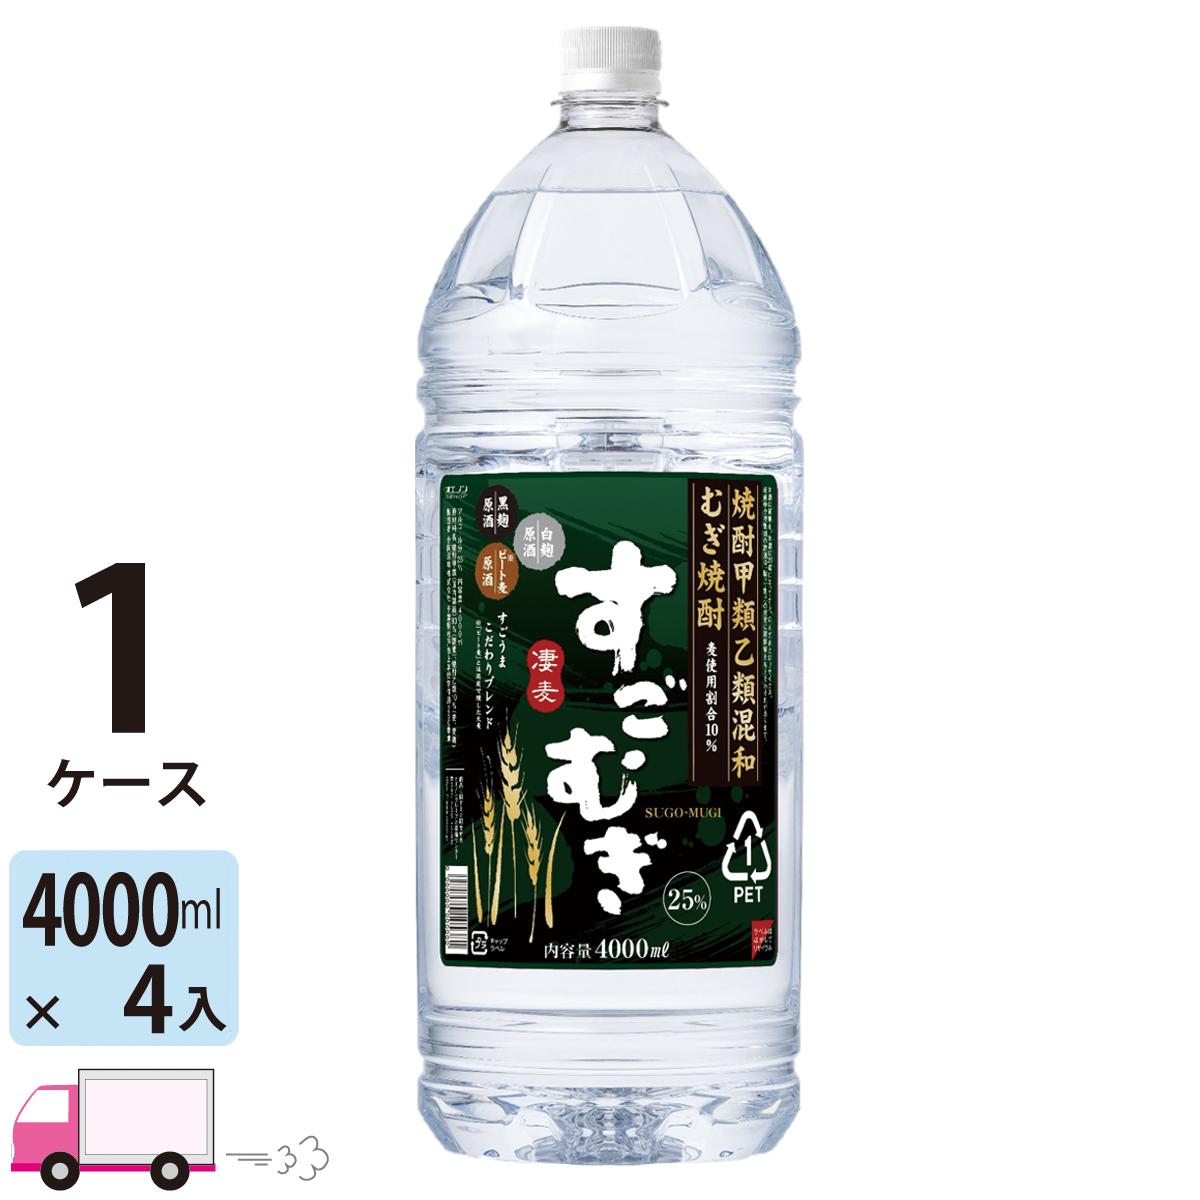 送料無料 すごむぎ 25度 甲乙混和焼酎 4L (4000ml) ペット 4本入 1ケース(4本)